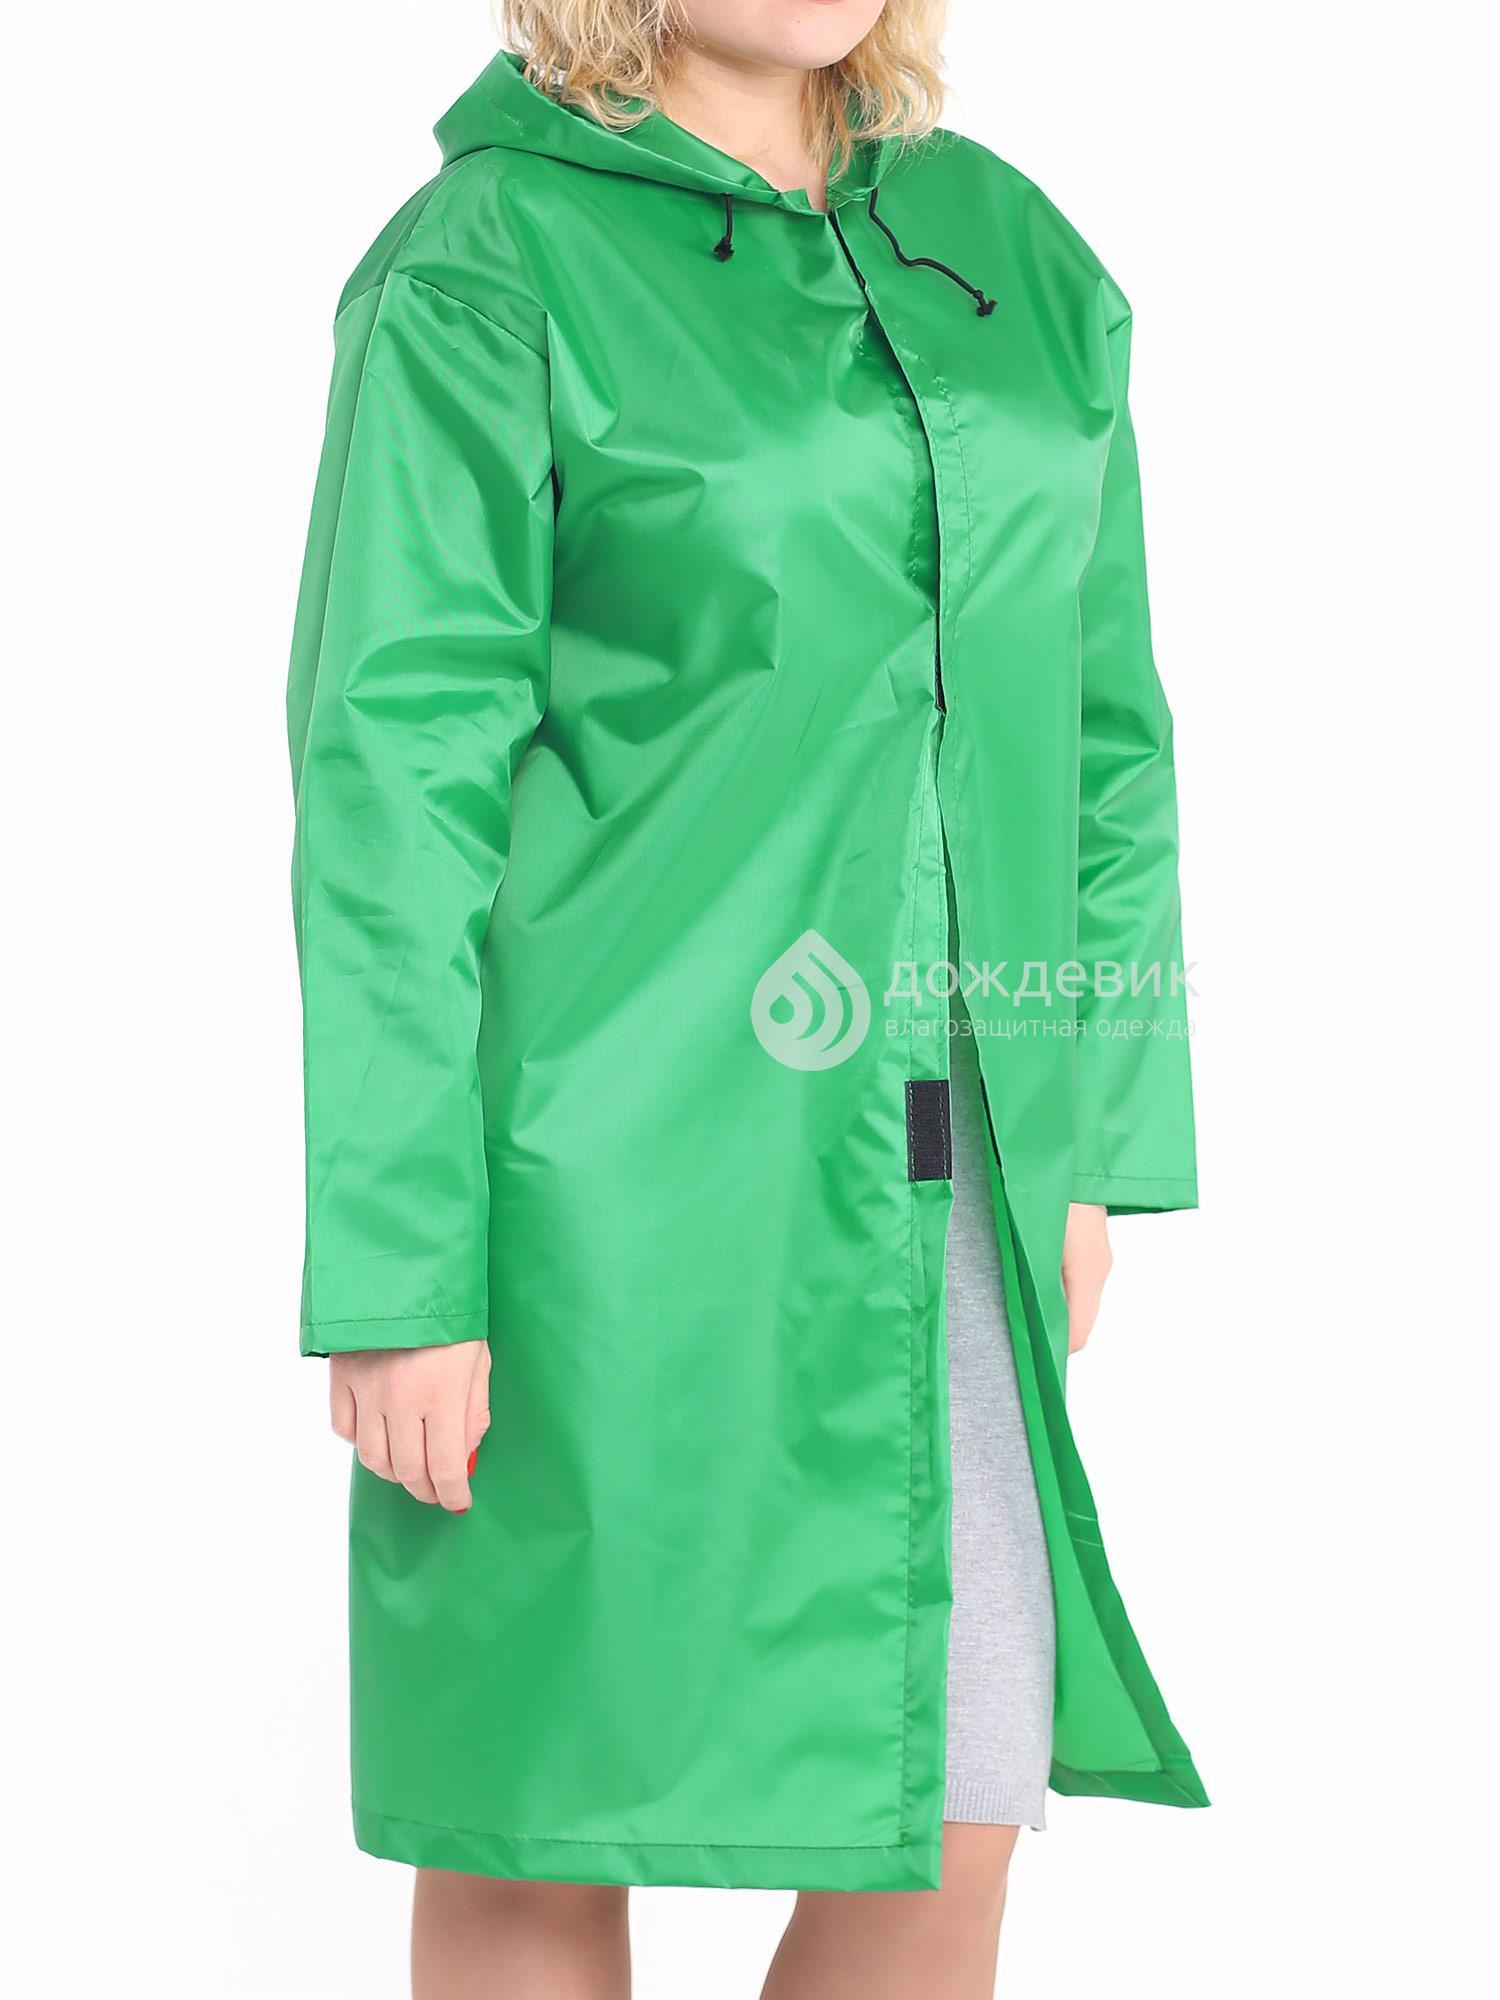 Плащ-дождевик тканевый зеленый Оксфорд